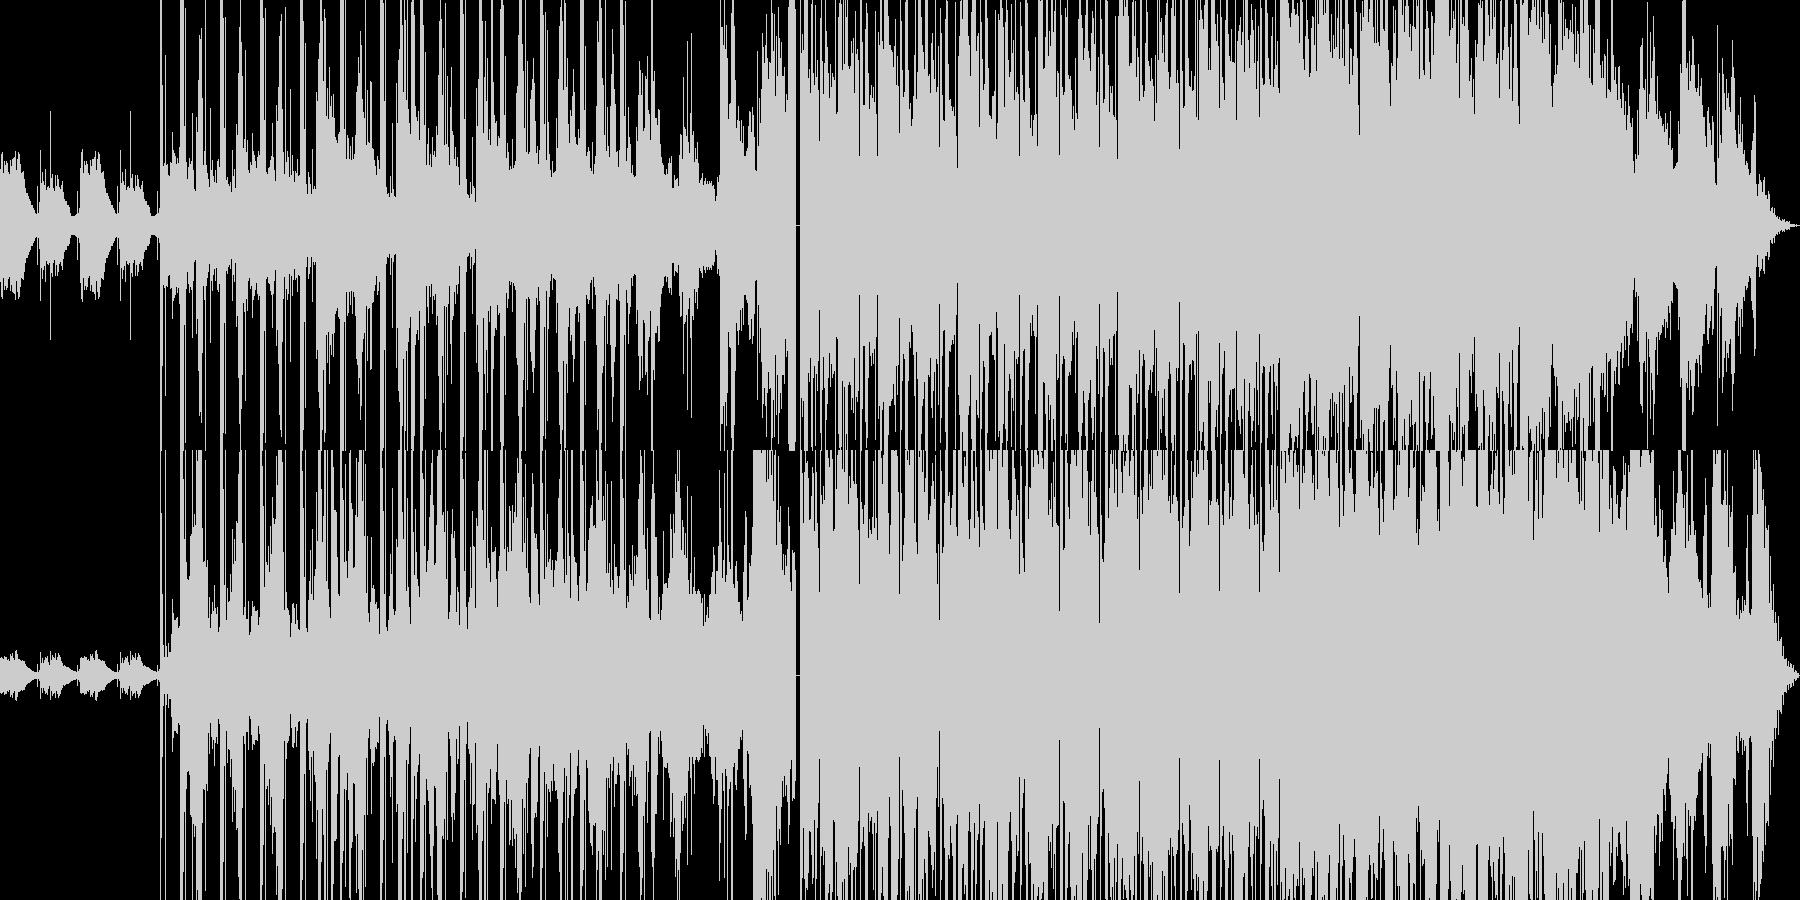 クラシックギター + チルトラップの未再生の波形